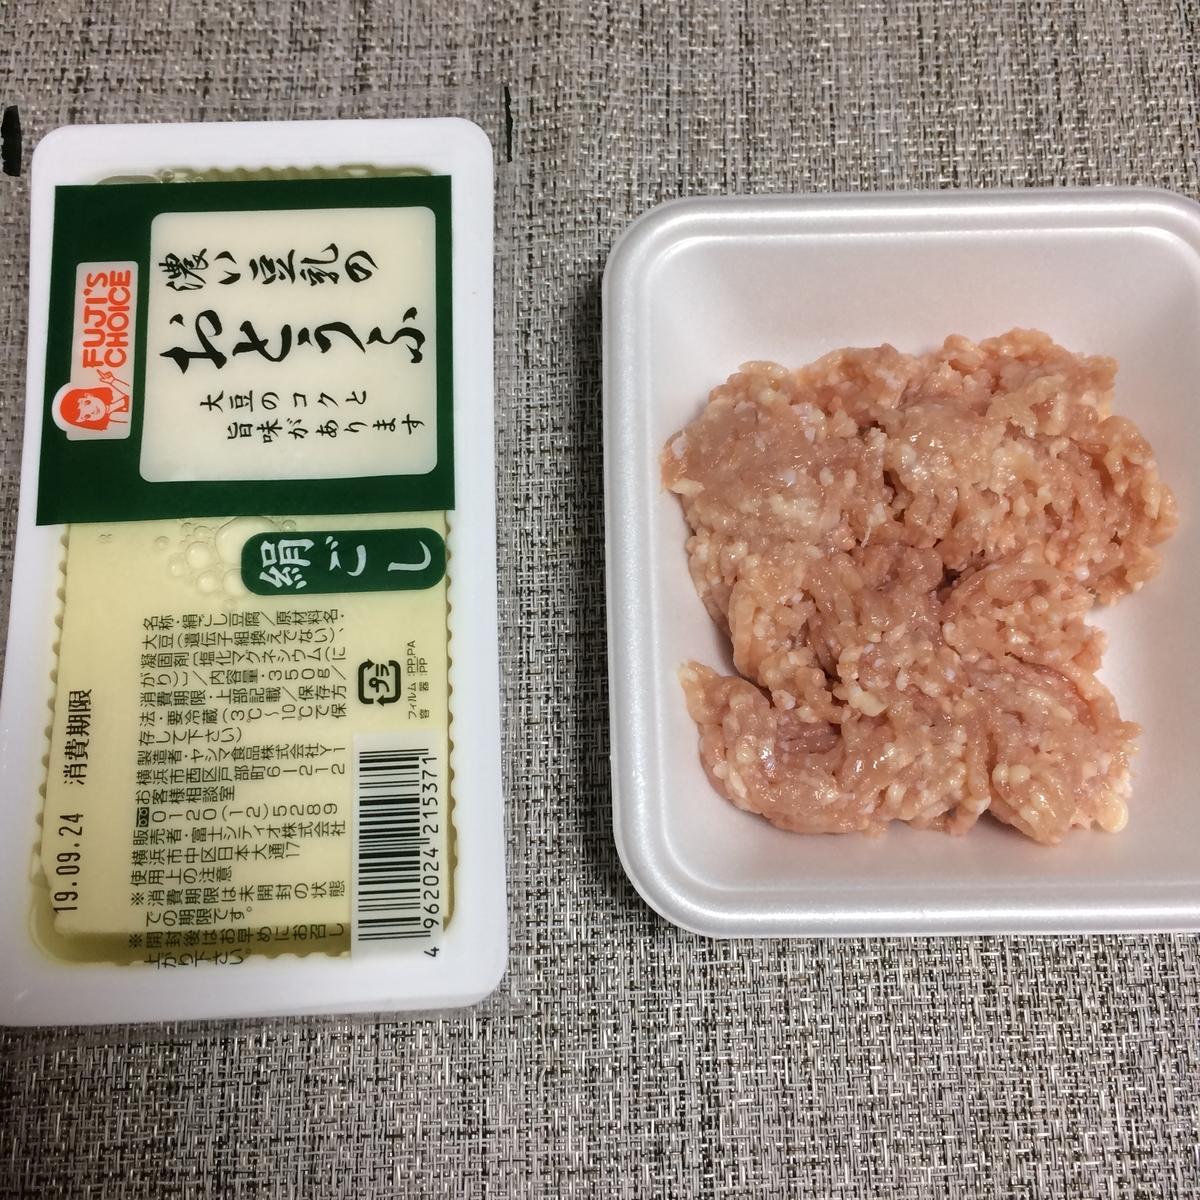 f:id:misumi-tomo:20190920141930j:plain